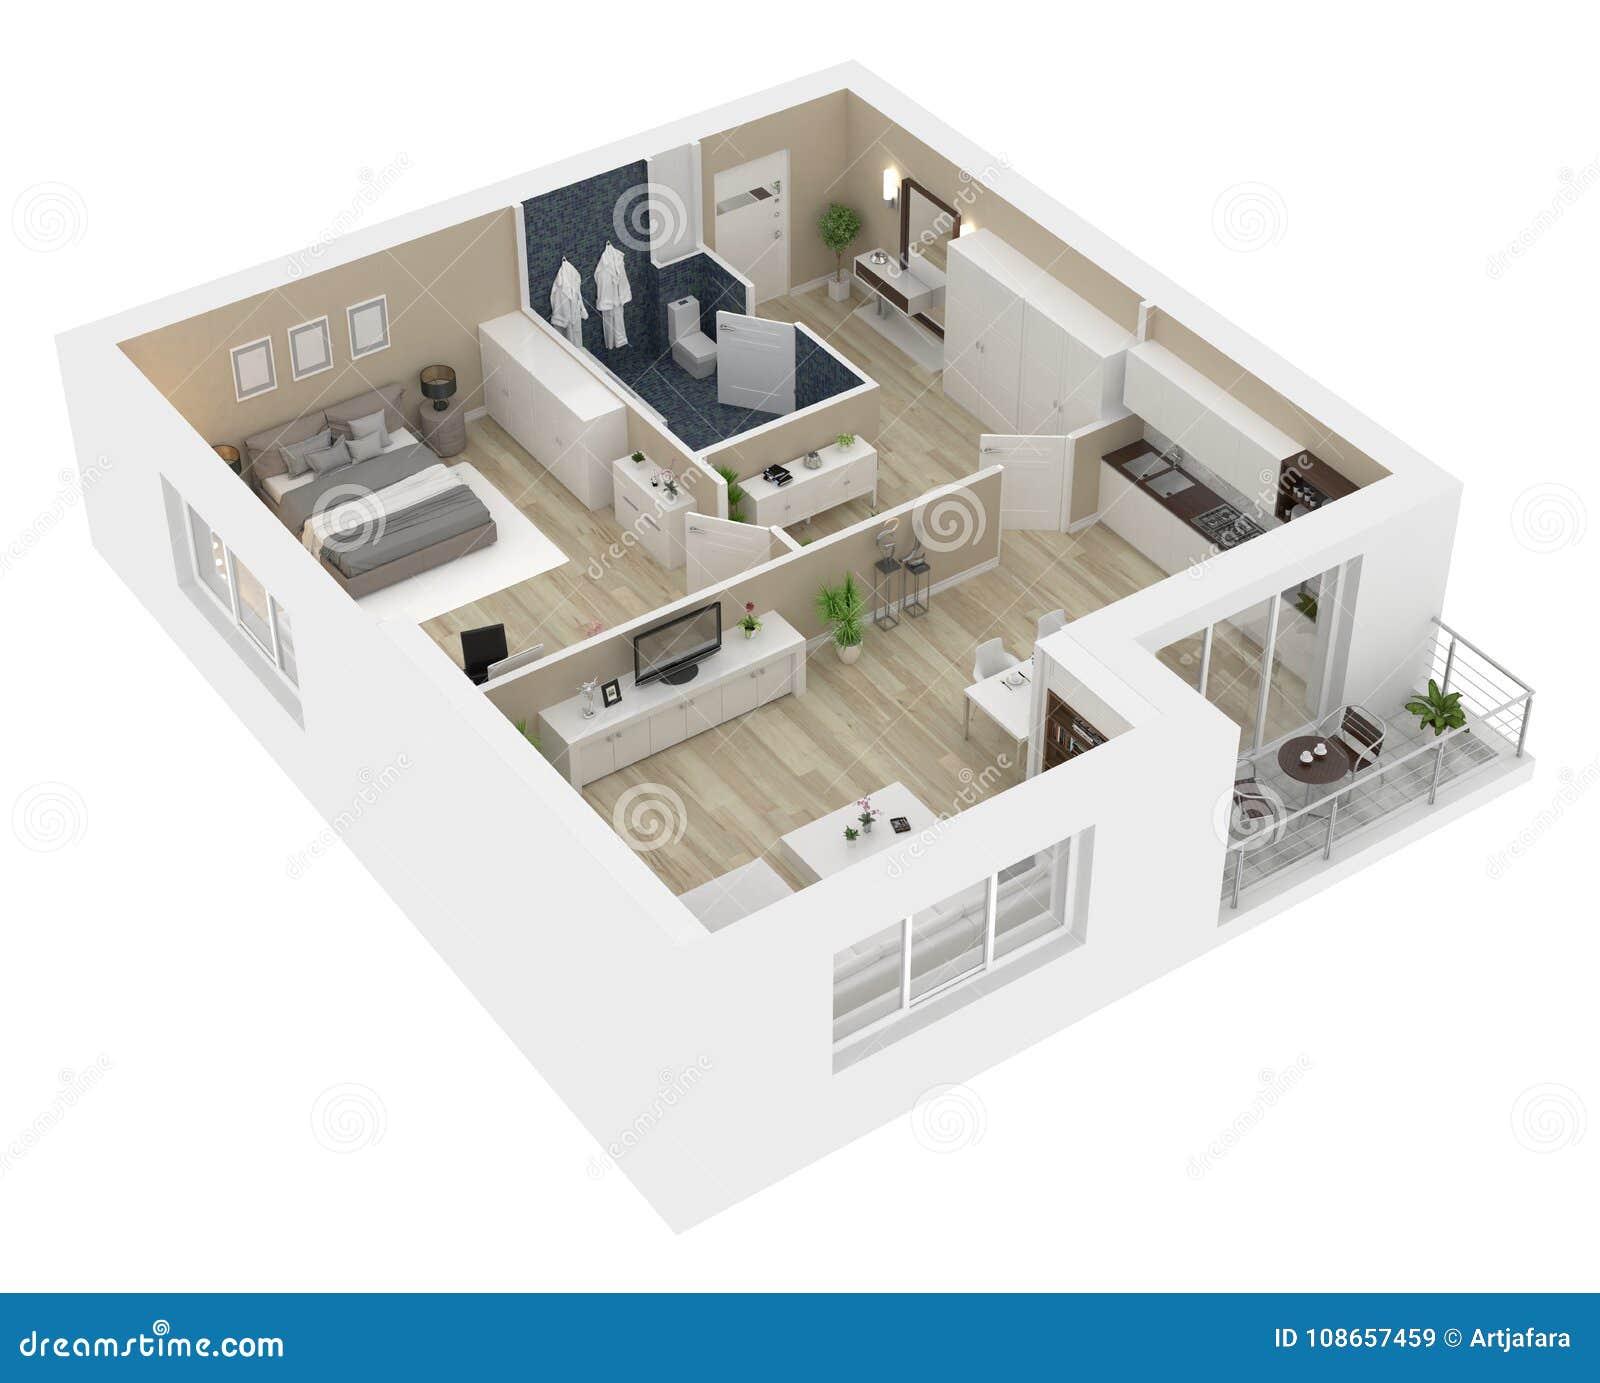 Piante Da Appartamento 3d.Pianta Di Un Illustrazione Di Vista 3d Della Casa Illustrazione Di